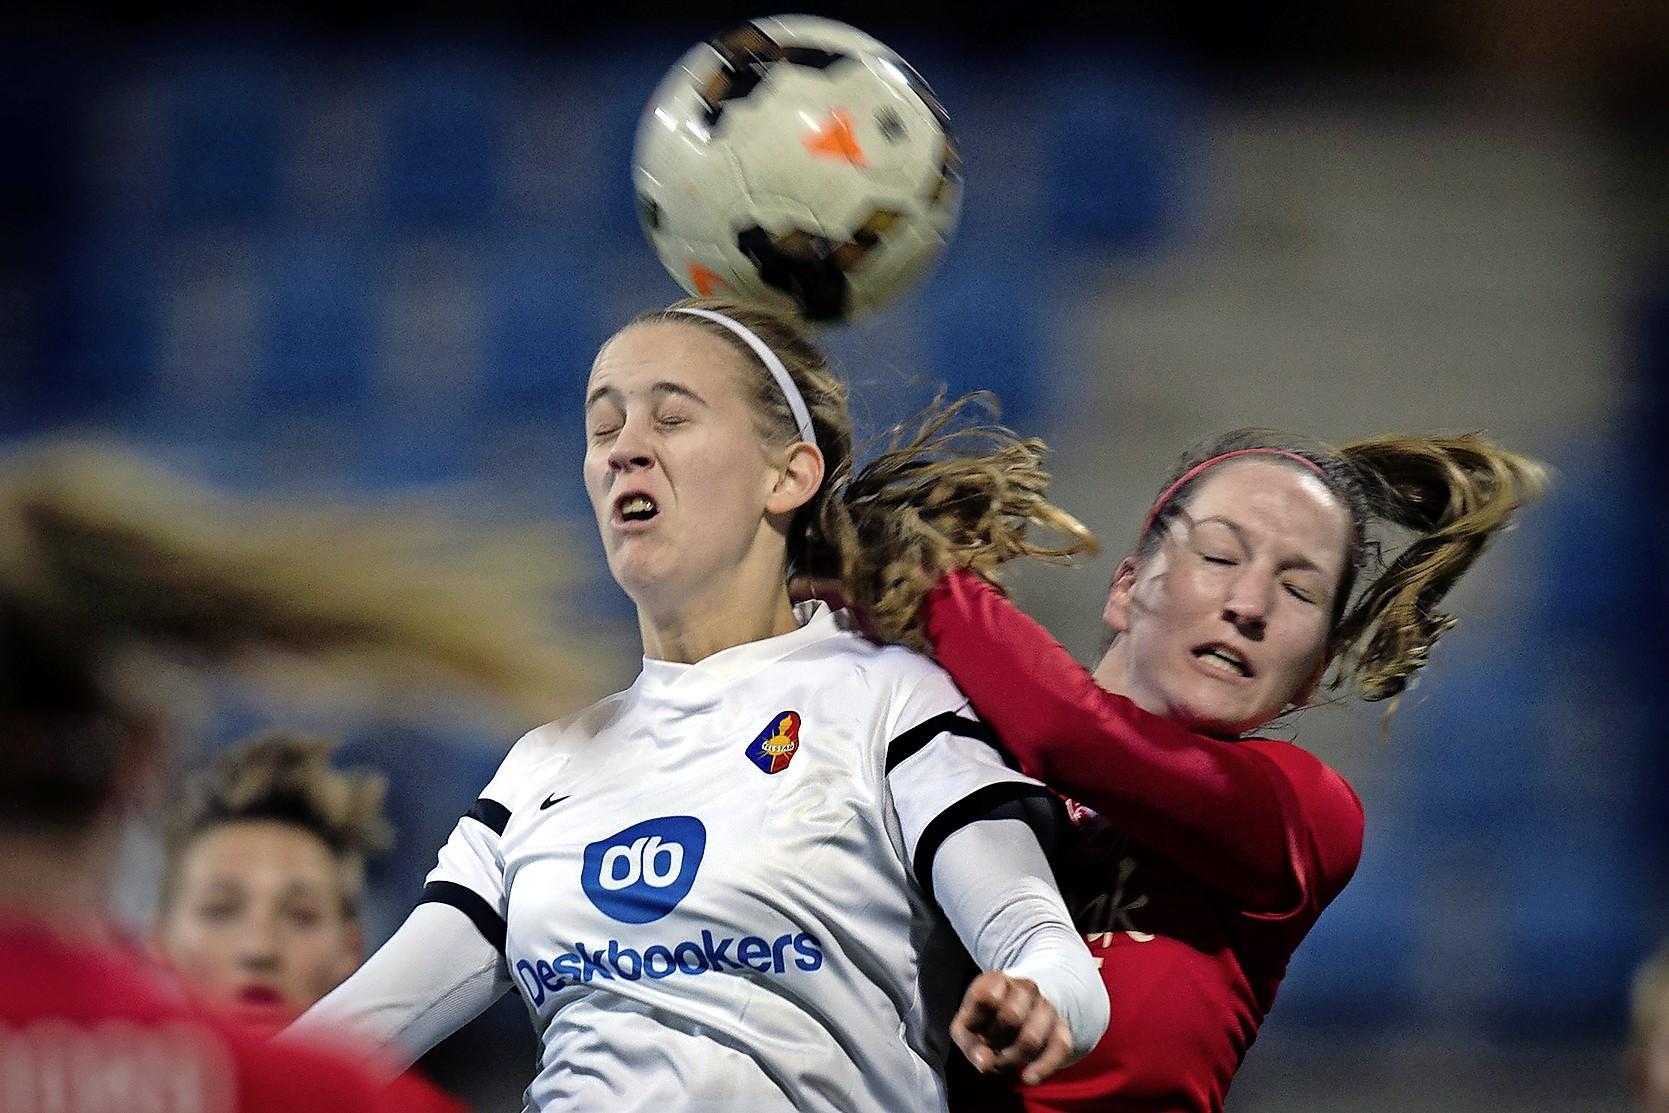 Katja Snoeijs is met PSV op weg naar eerste landstitel, al zit ze voorlopig bij haar ouders thuis: 'Fijn dat ik hier mensen om me heen heb'